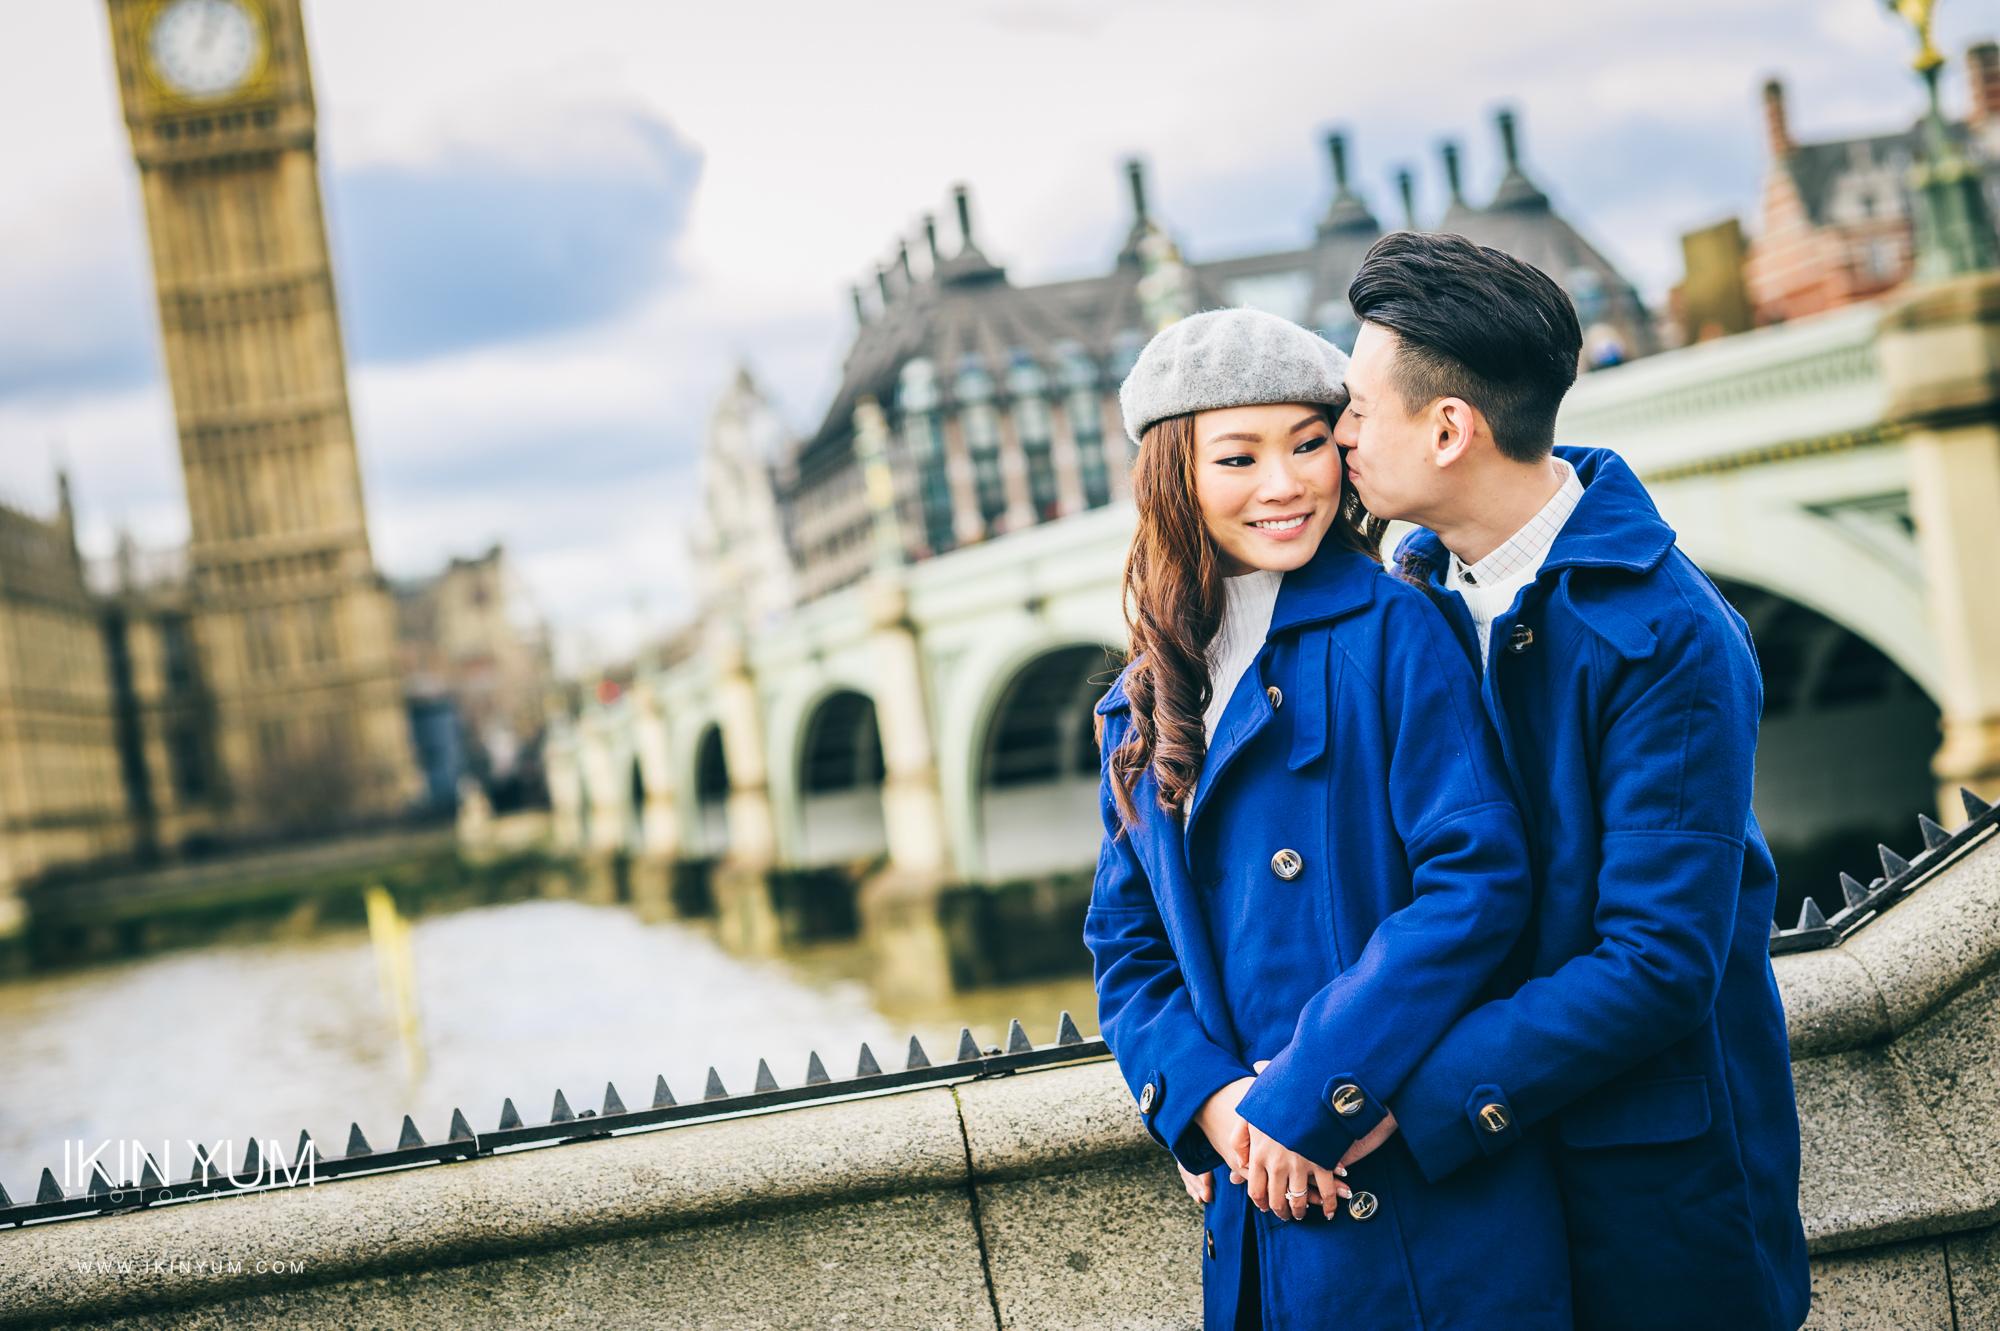 Pre-Wedding Shoot London Zann + Danny - Ikin Yum Photography-004.jpg